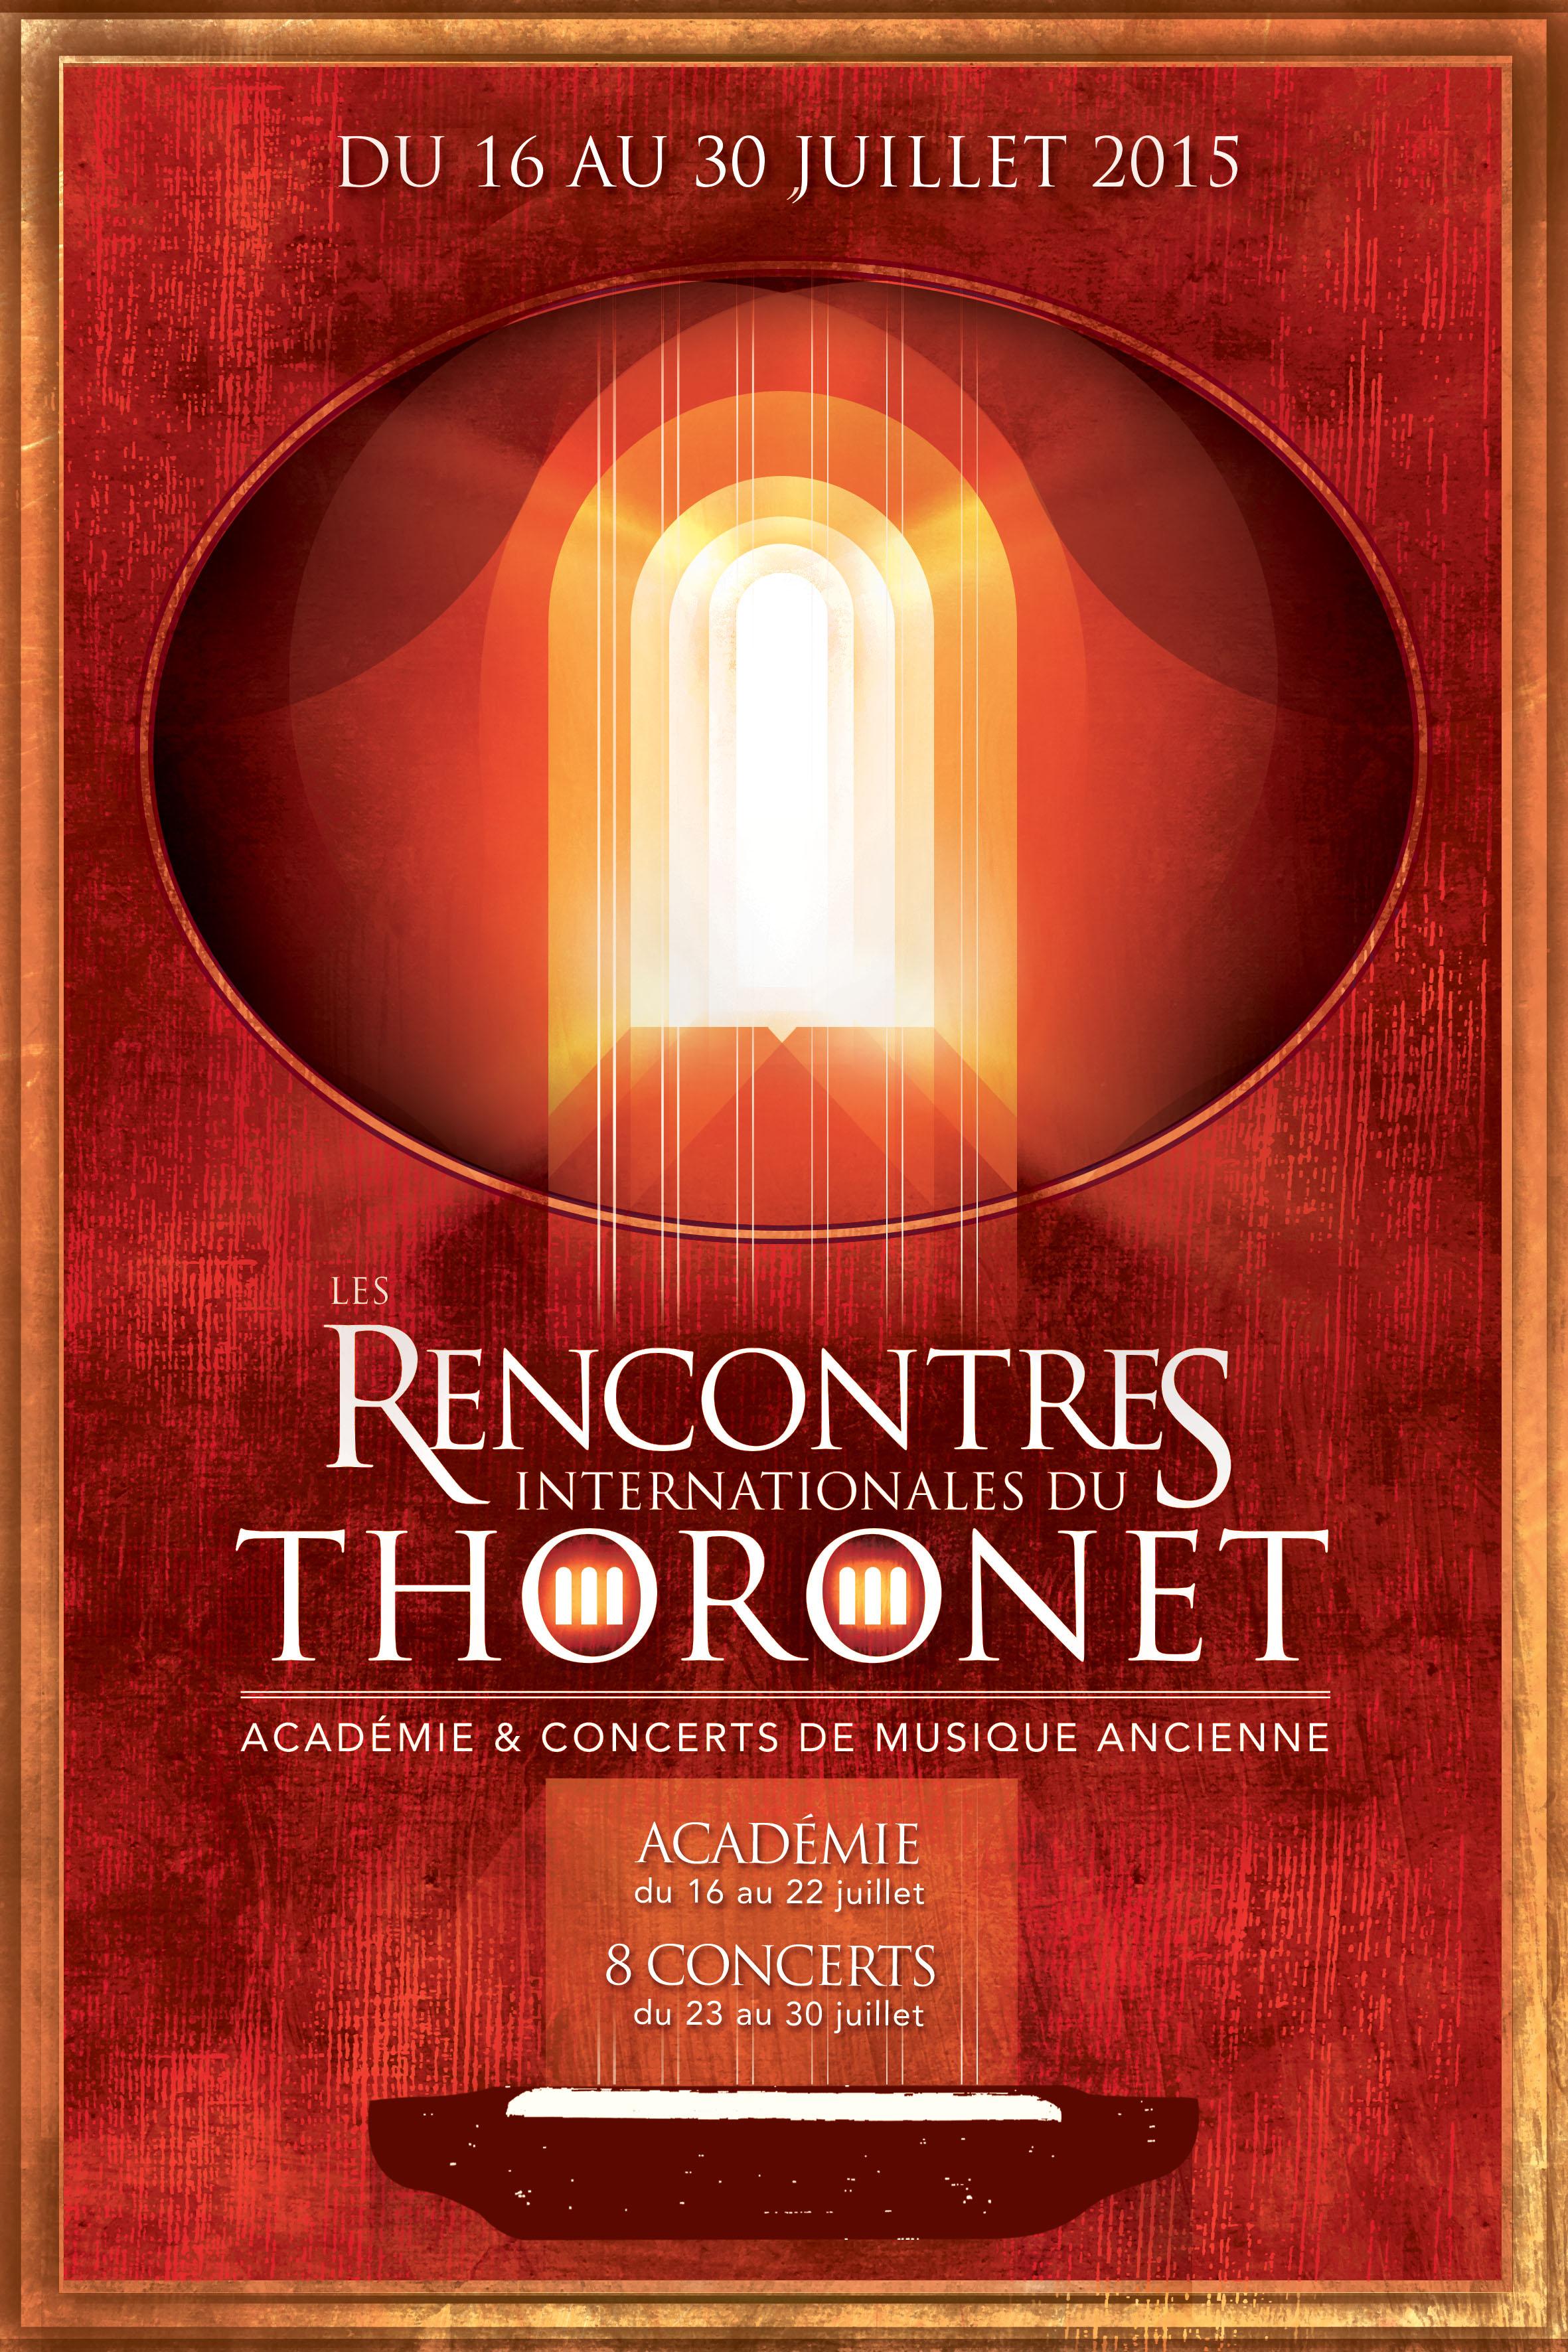 Les Rencontres Internationales du Thoronet : Ultime concert !